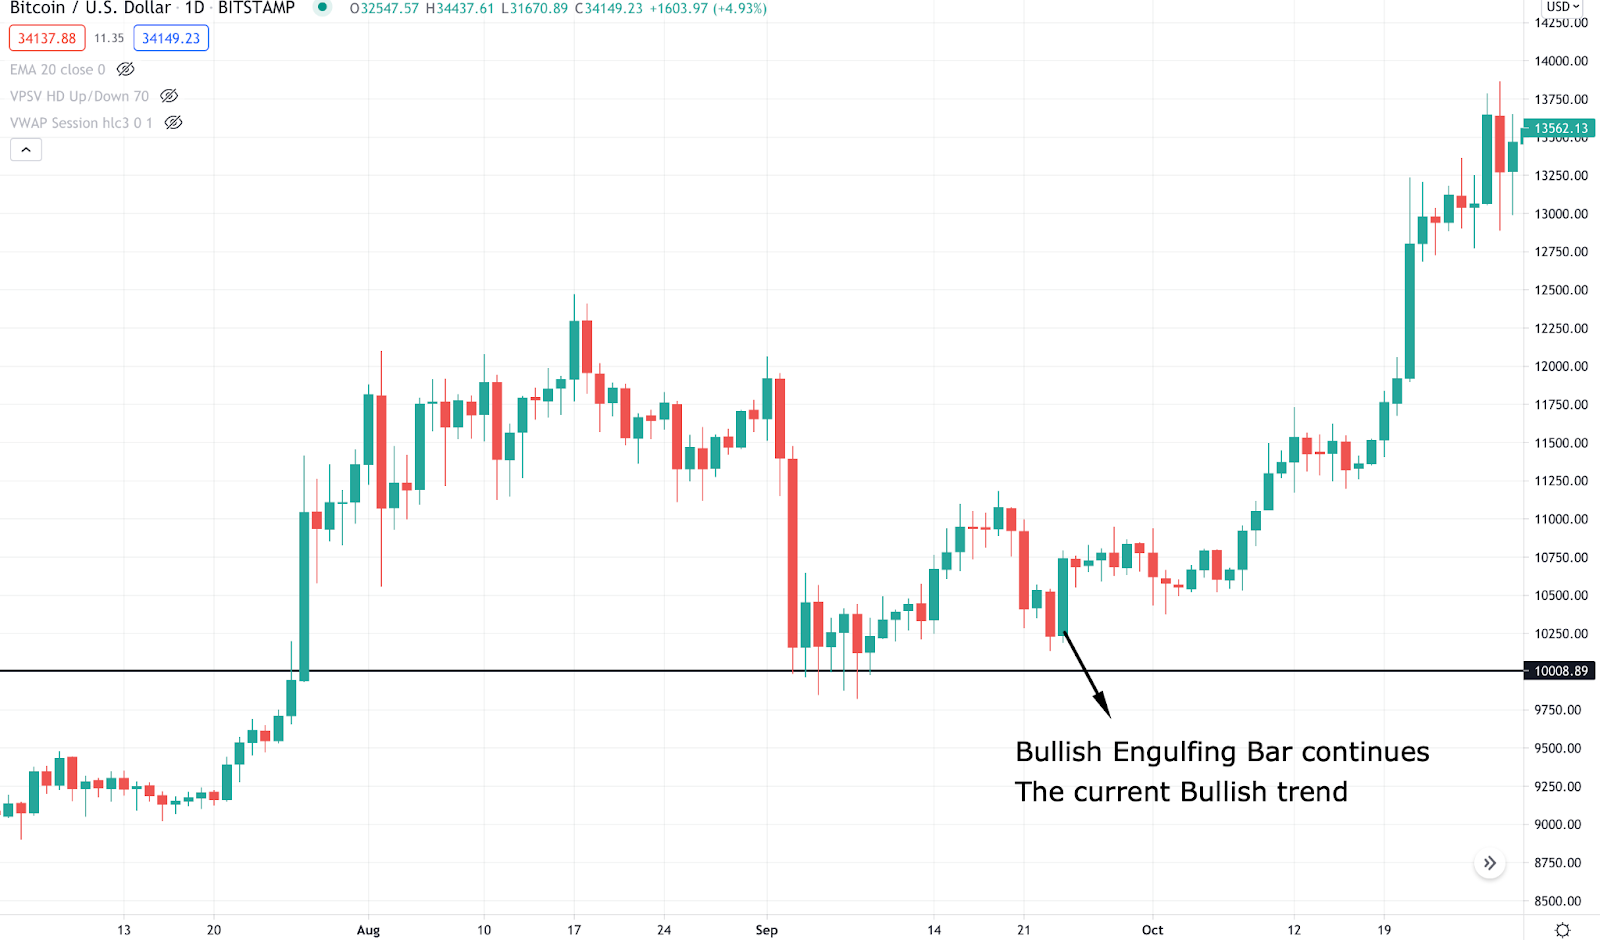 Sample of bullish engulfing pattern during a crypto bullish trend.